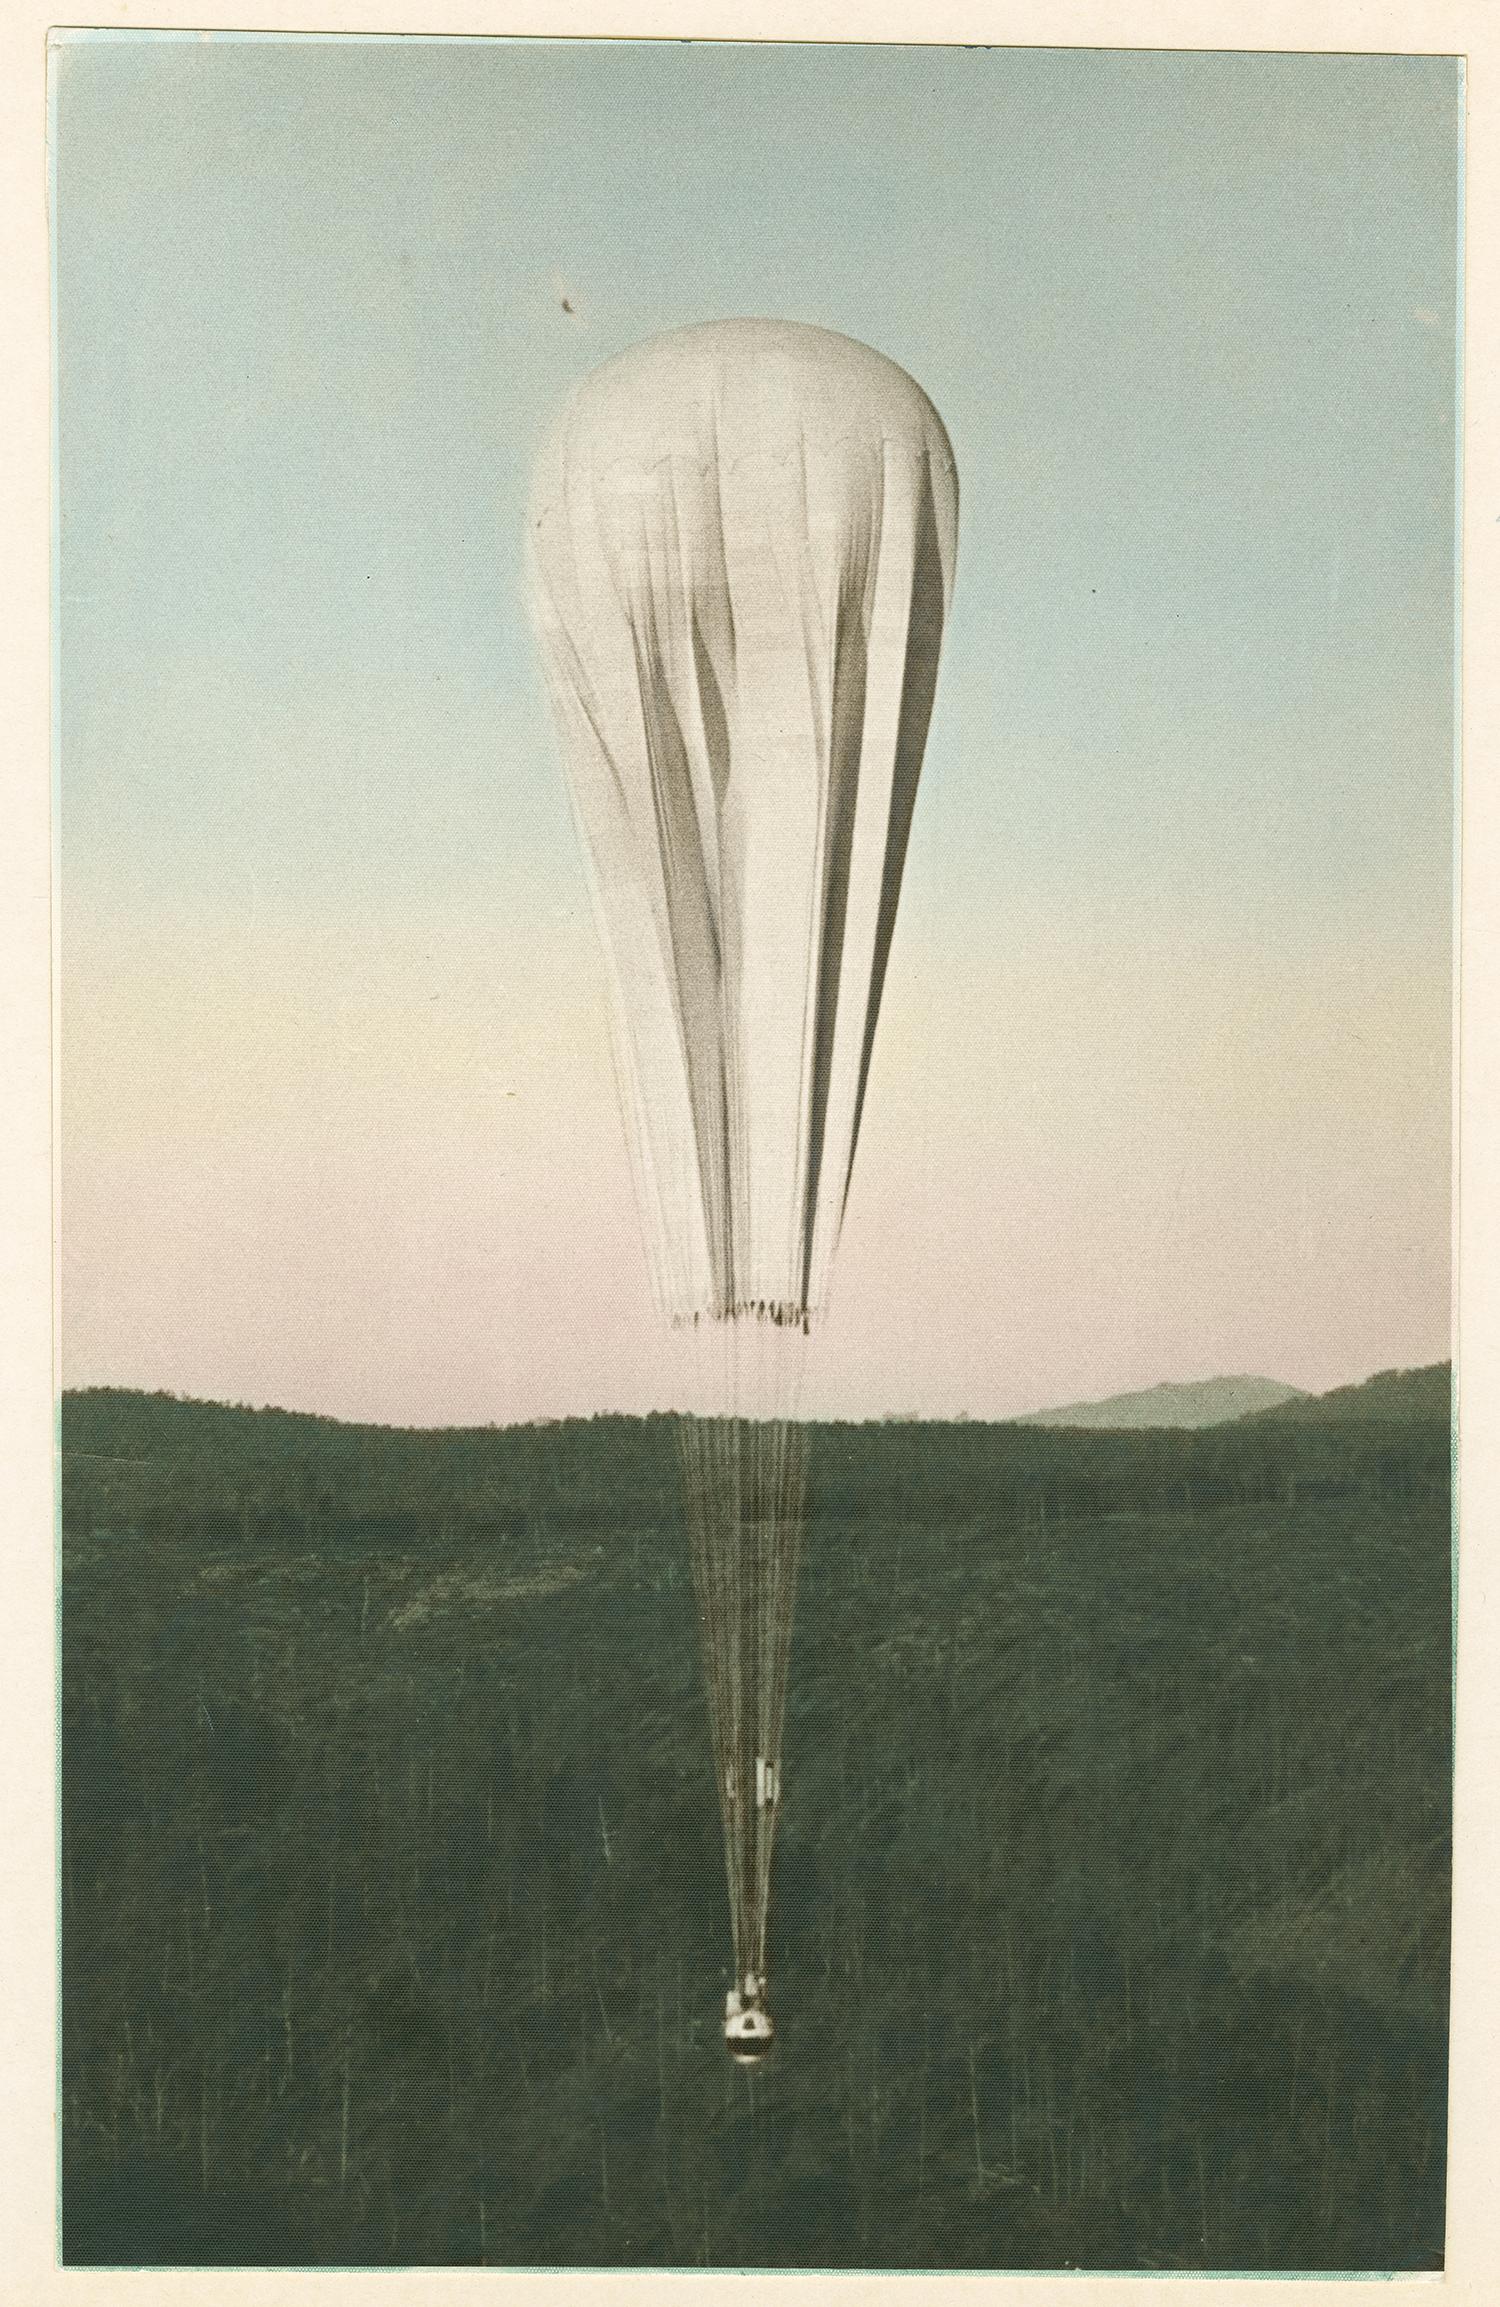 Image - Balloonheadedtowardsthestratosphere_1934.jpg